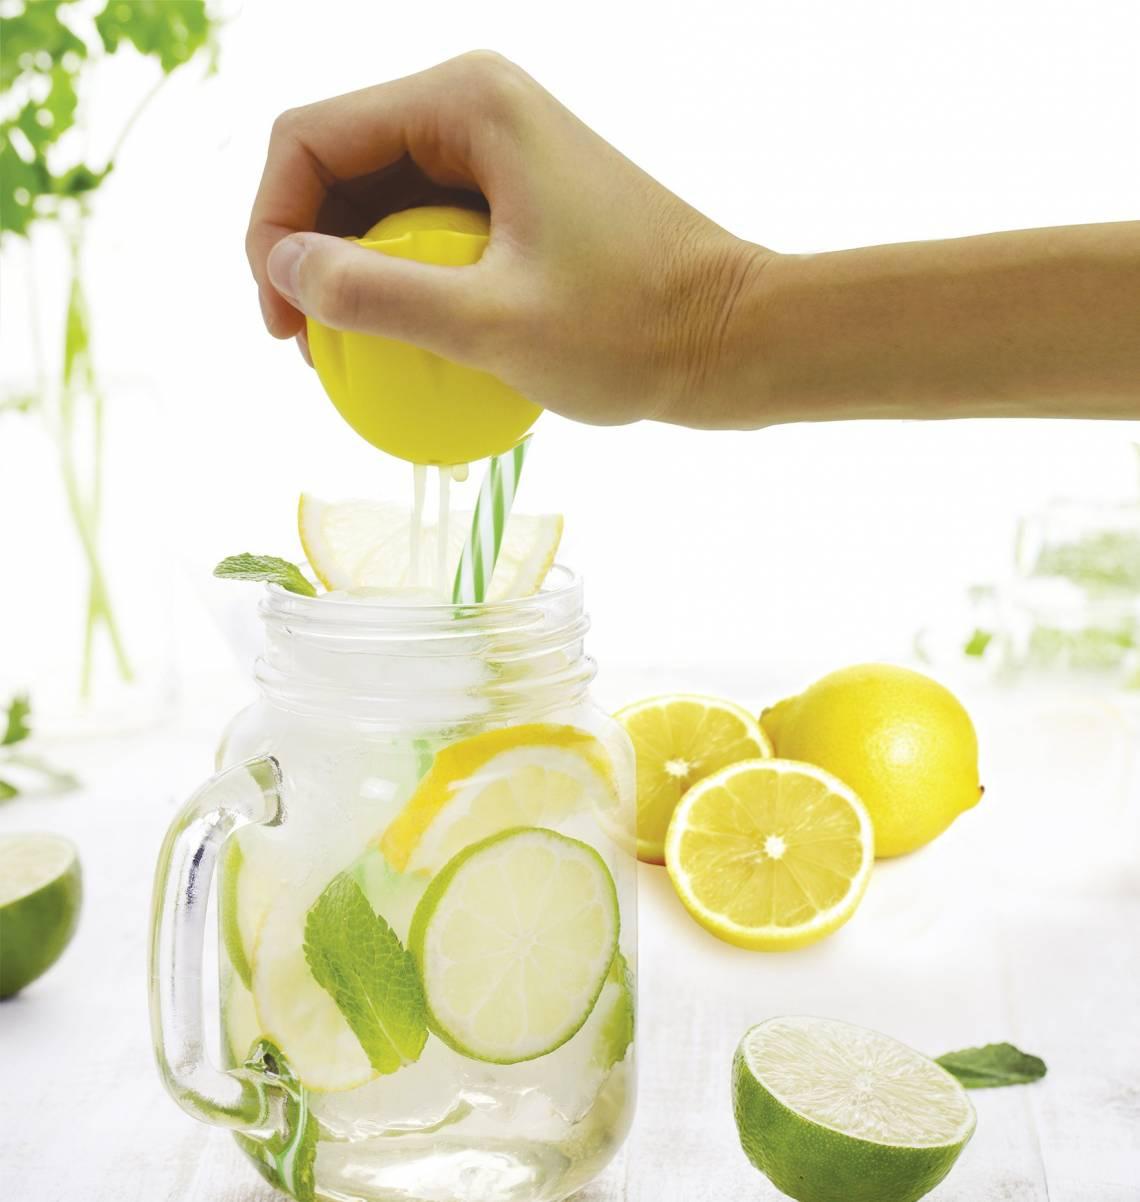 Fackelmann: Küchenhelfer rund um Zitrusfrüchte / Mood Zubereitung Zitronenlimonade, Zitronenpresse mit Halter / 42646